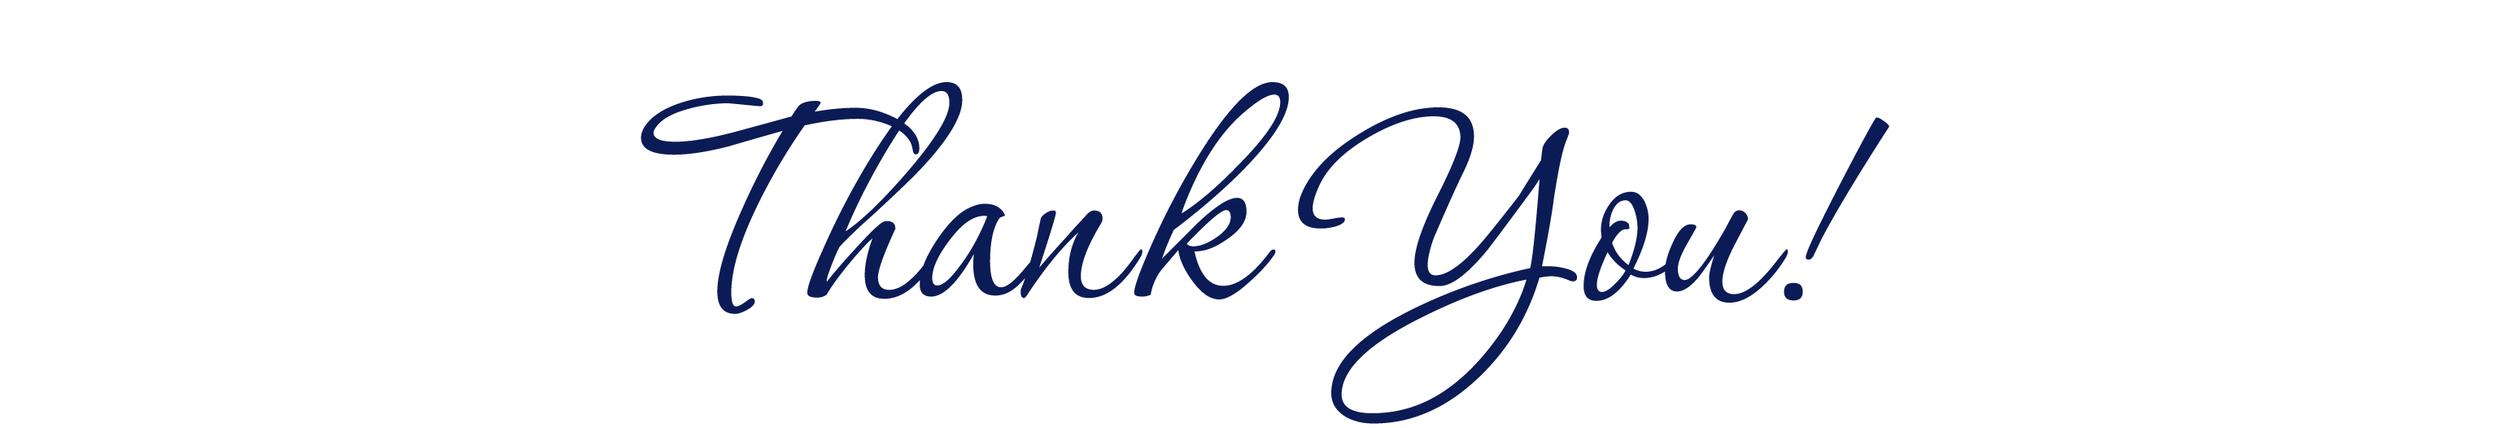 Obrigada do fundo do meu coração a todos vocês!